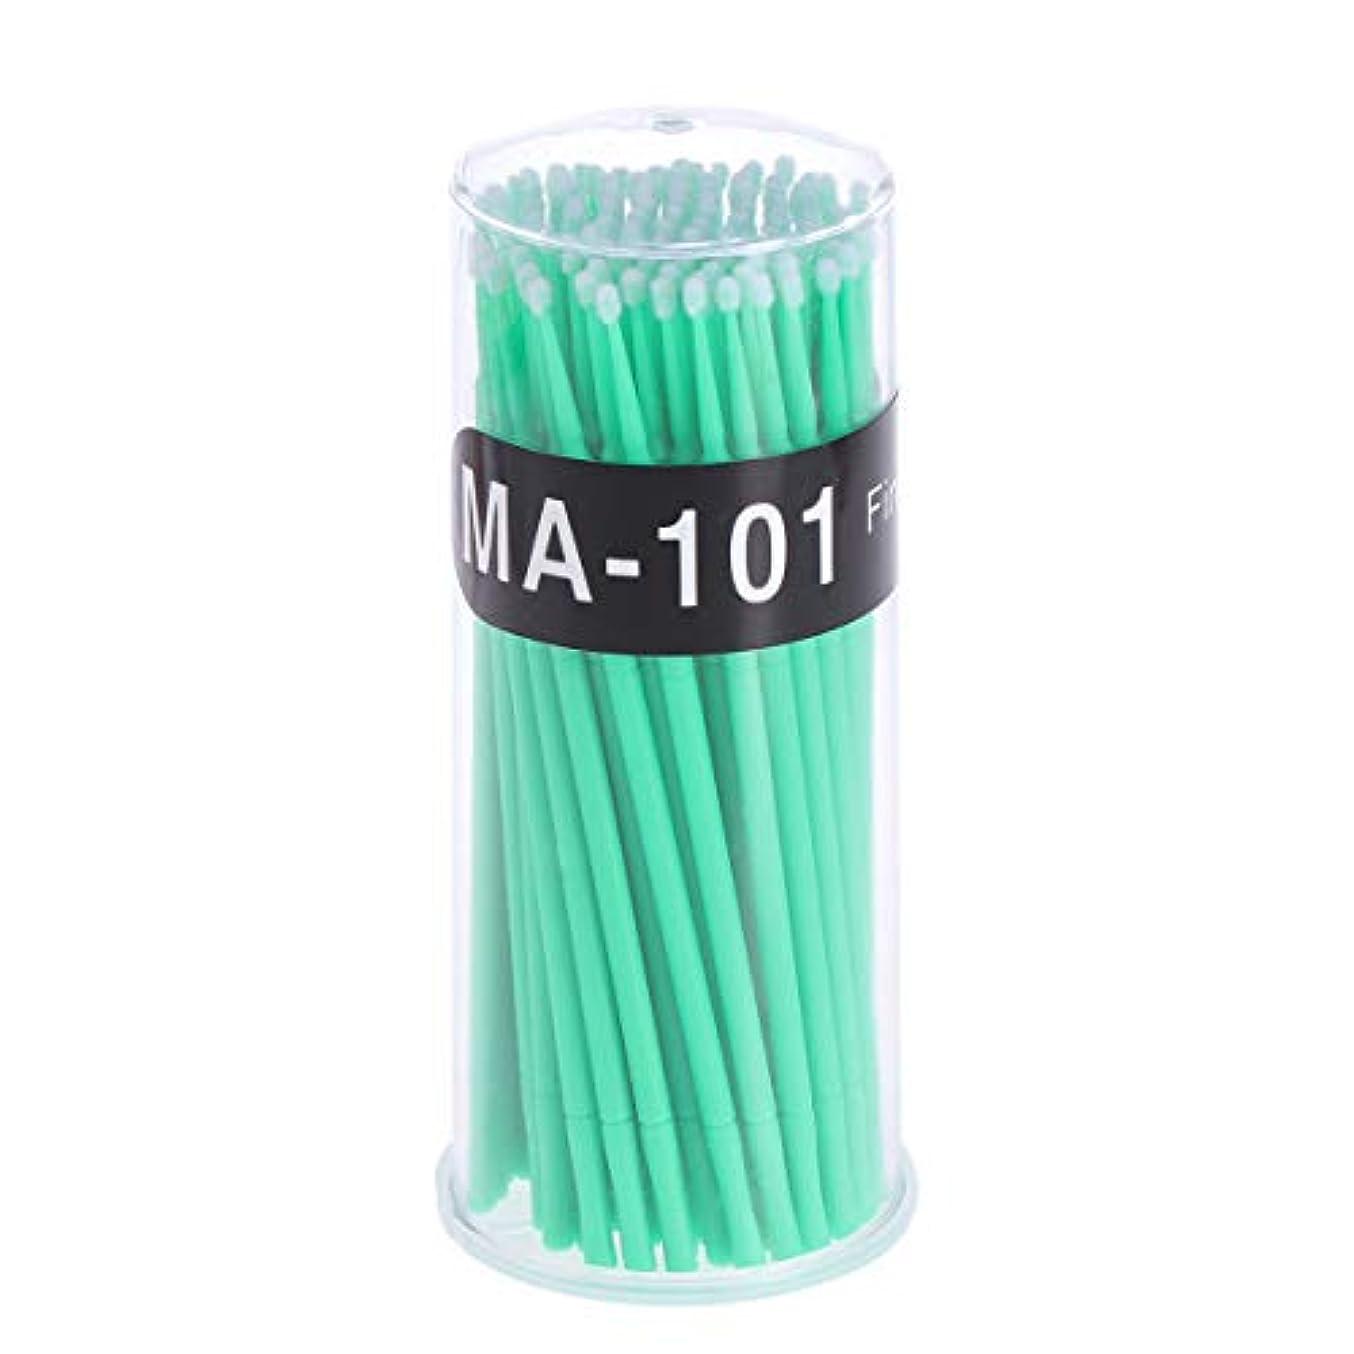 踊り子ペースト大混乱100個使い捨てマイクロアプリケータブラシまつげエクステンション綿棒まつげマイクロブラシワンドメイクアップツール(グリーン、ブラシ直径2mm)